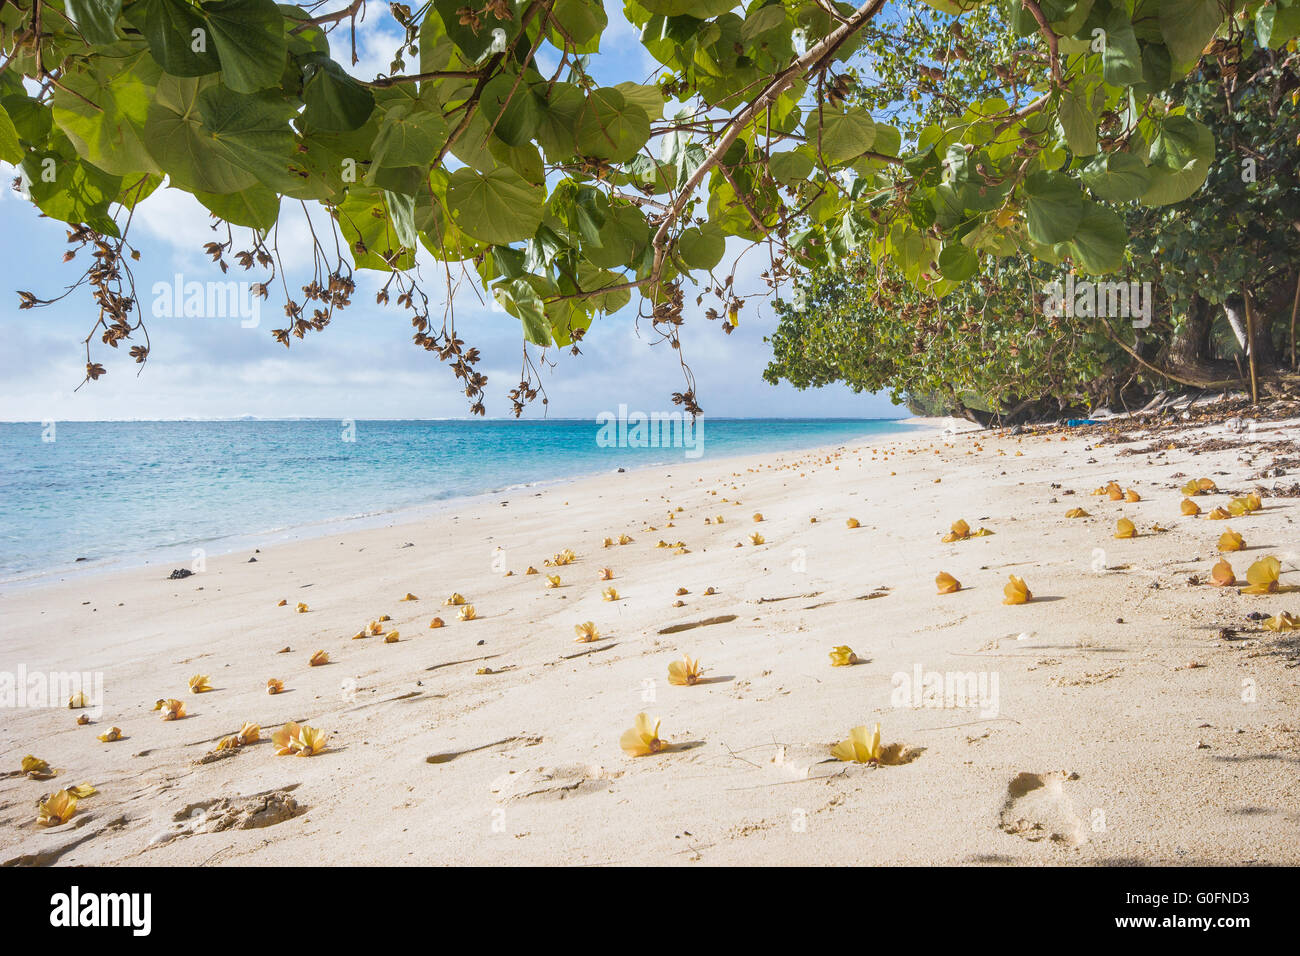 Flowers on the beach of Rarotonga - Stock Image